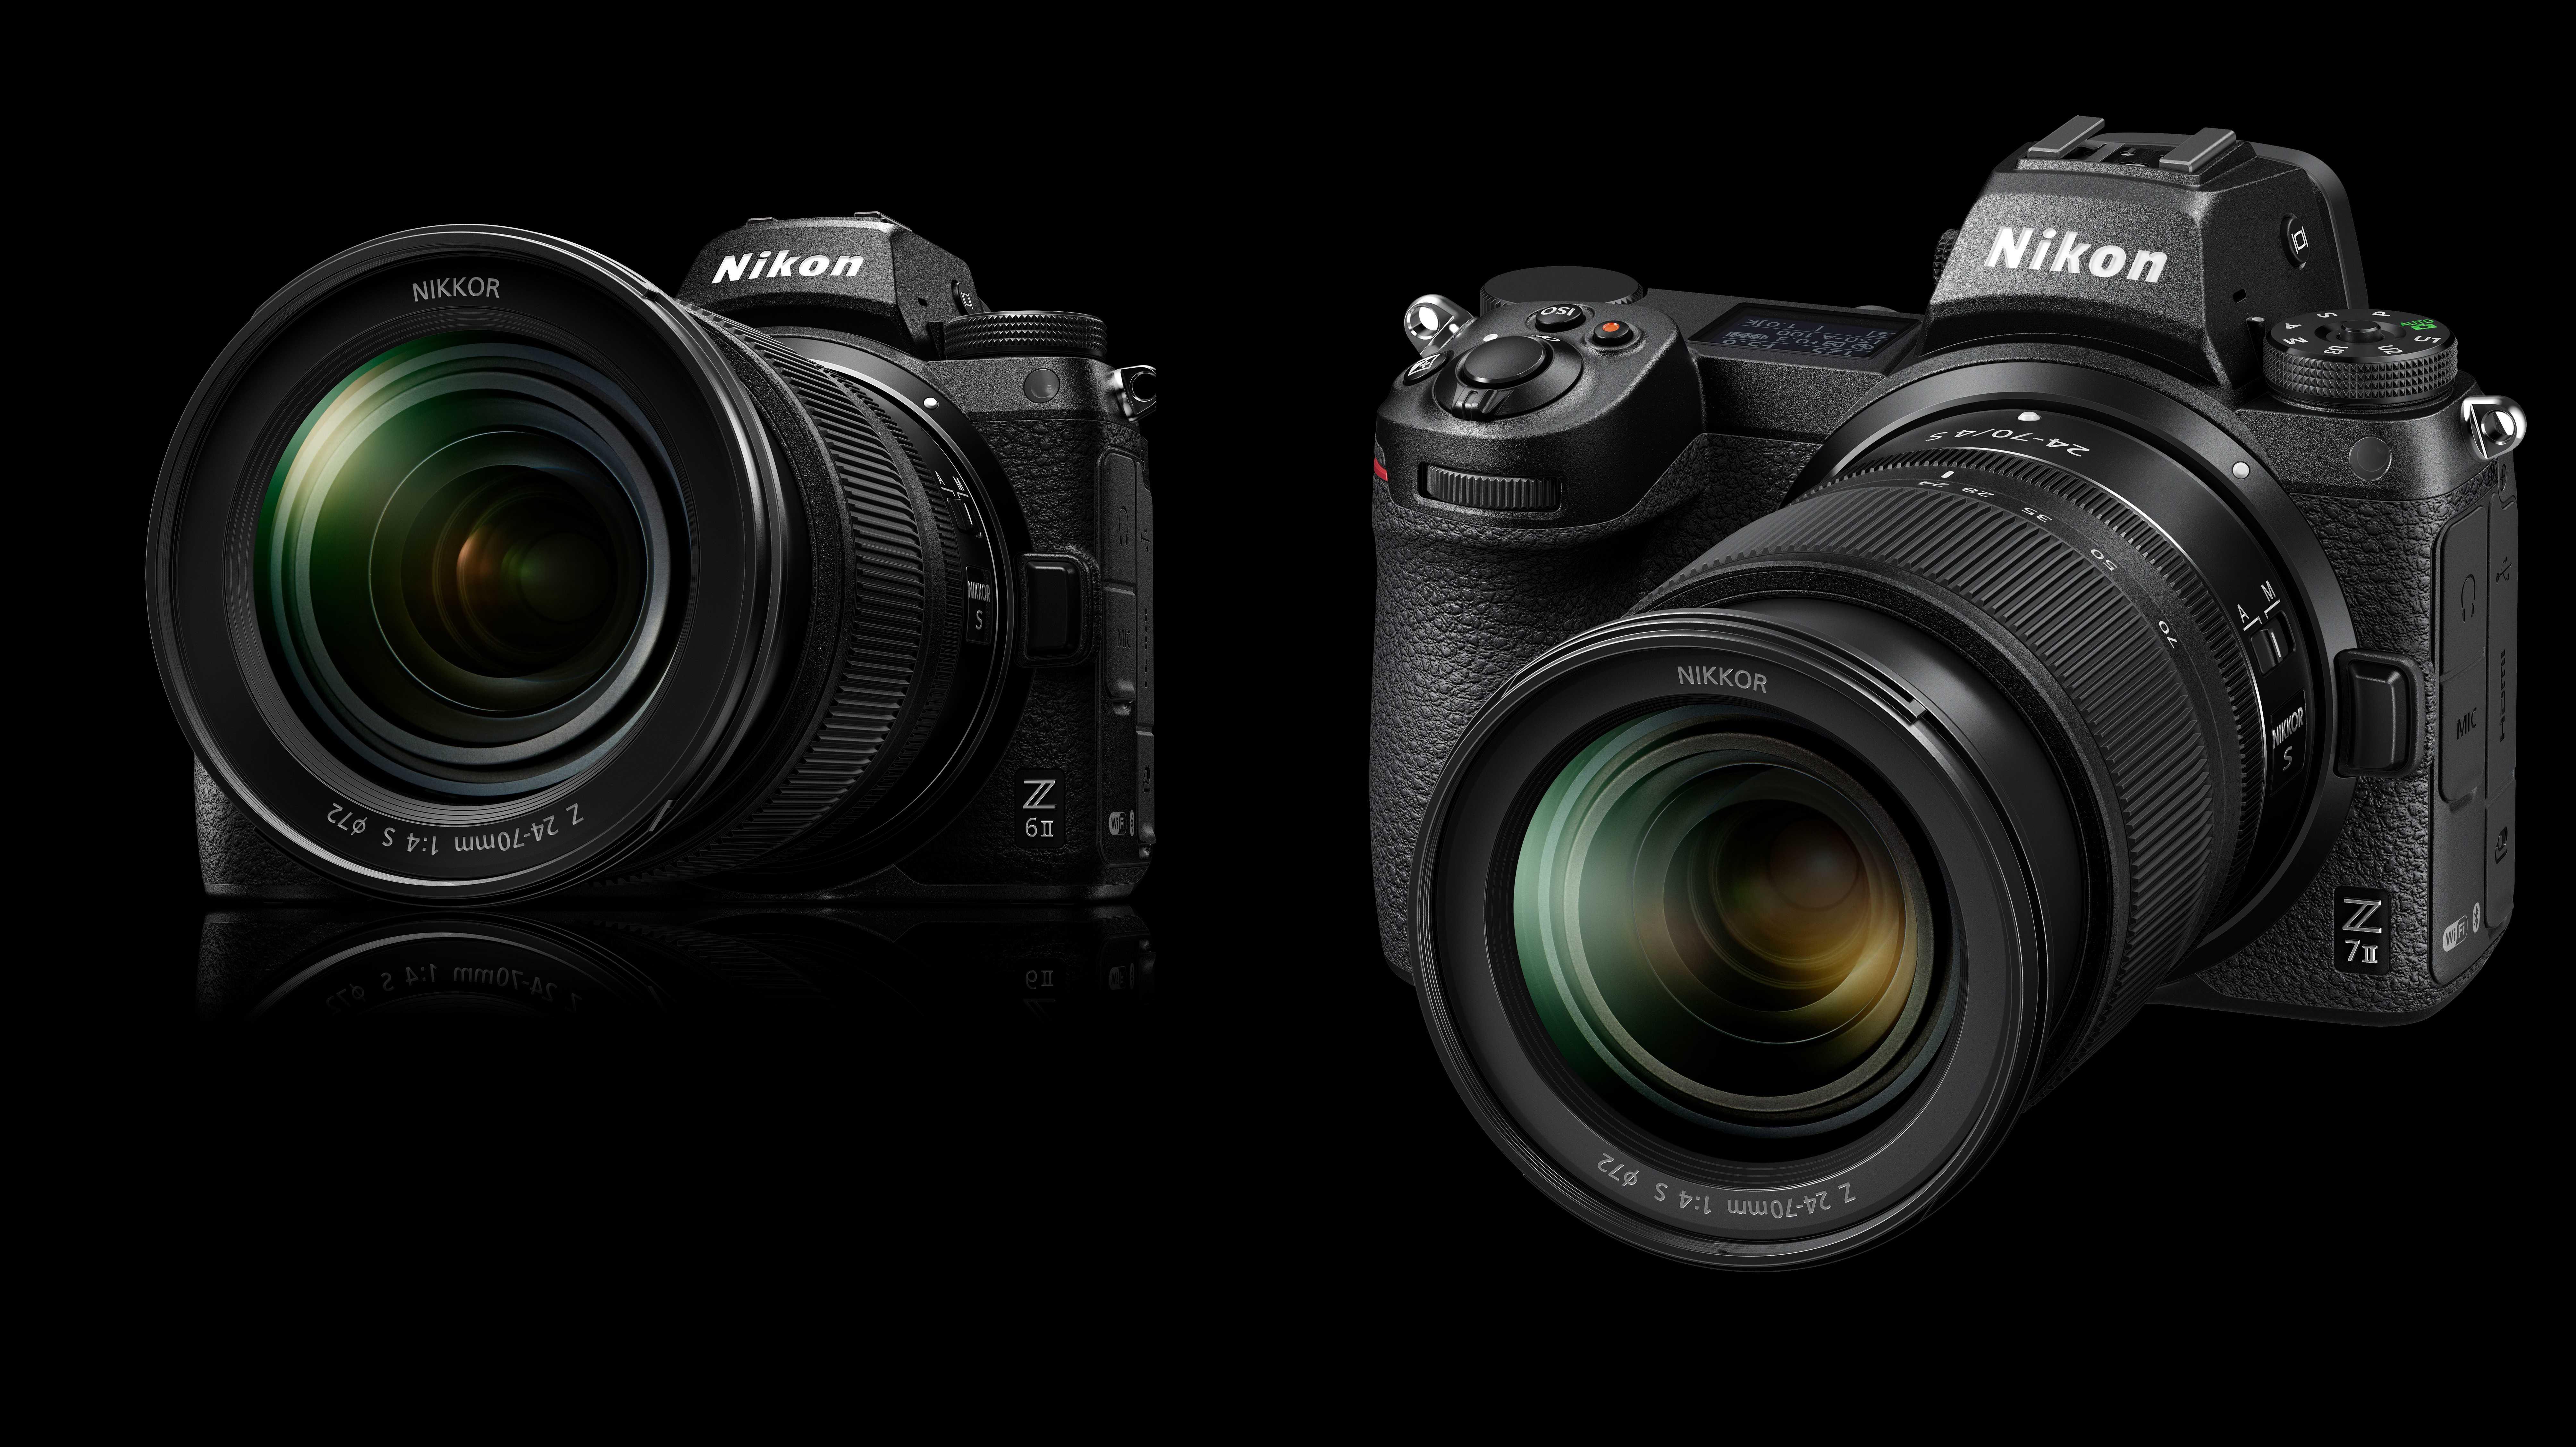 Schneller und mit verbesserten Video-Funktionen: Nikon bringt Nachfolger für Z 6 und Z 7